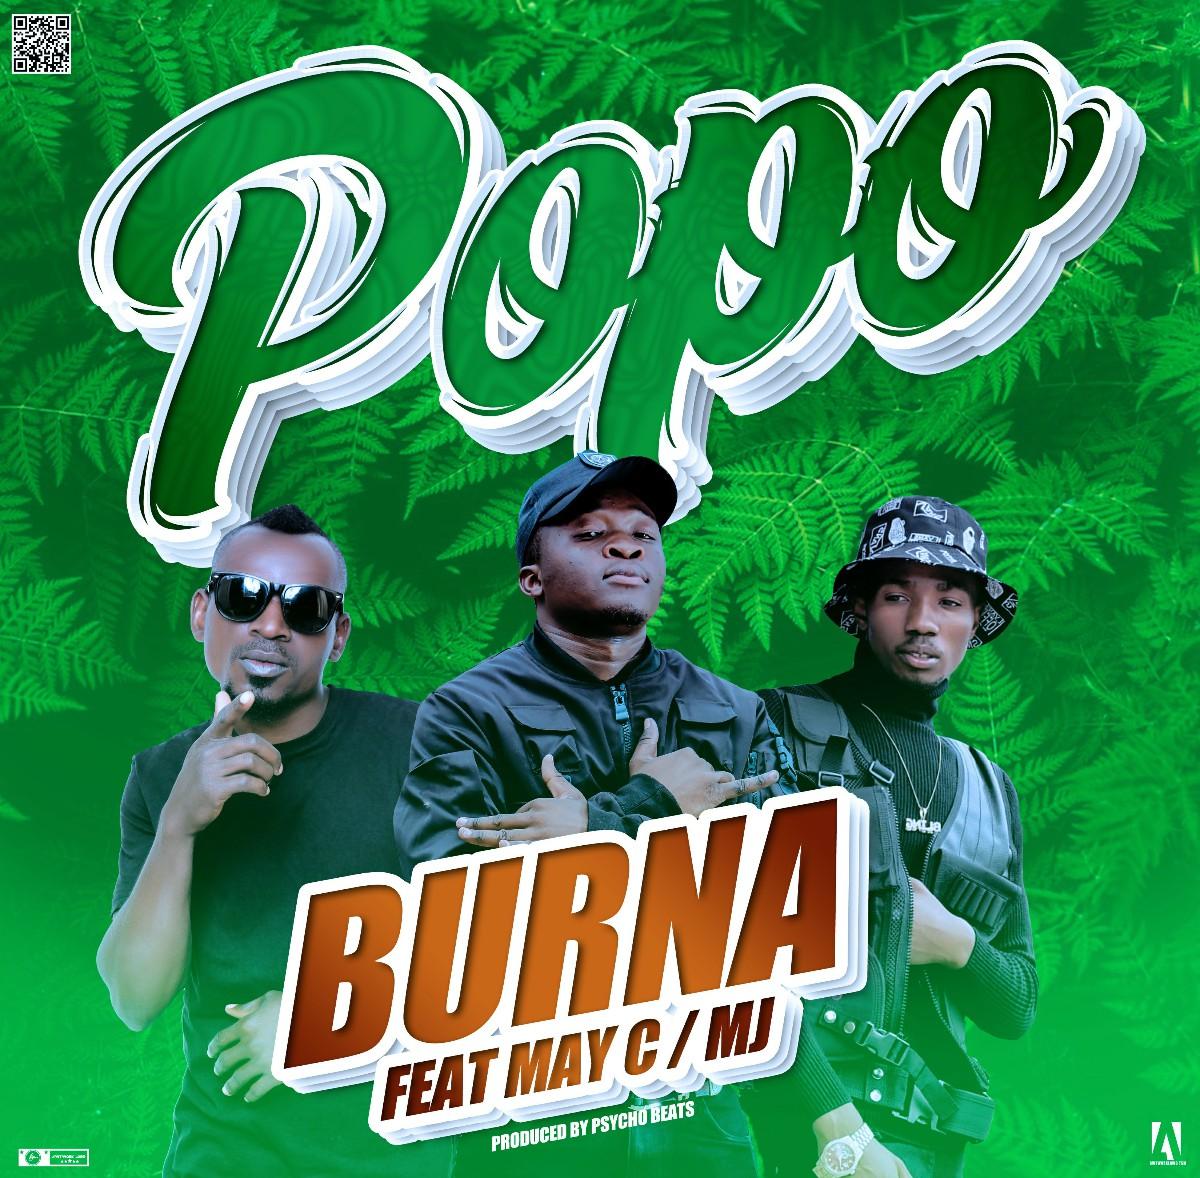 Burna ft. May C & MJ - Popo